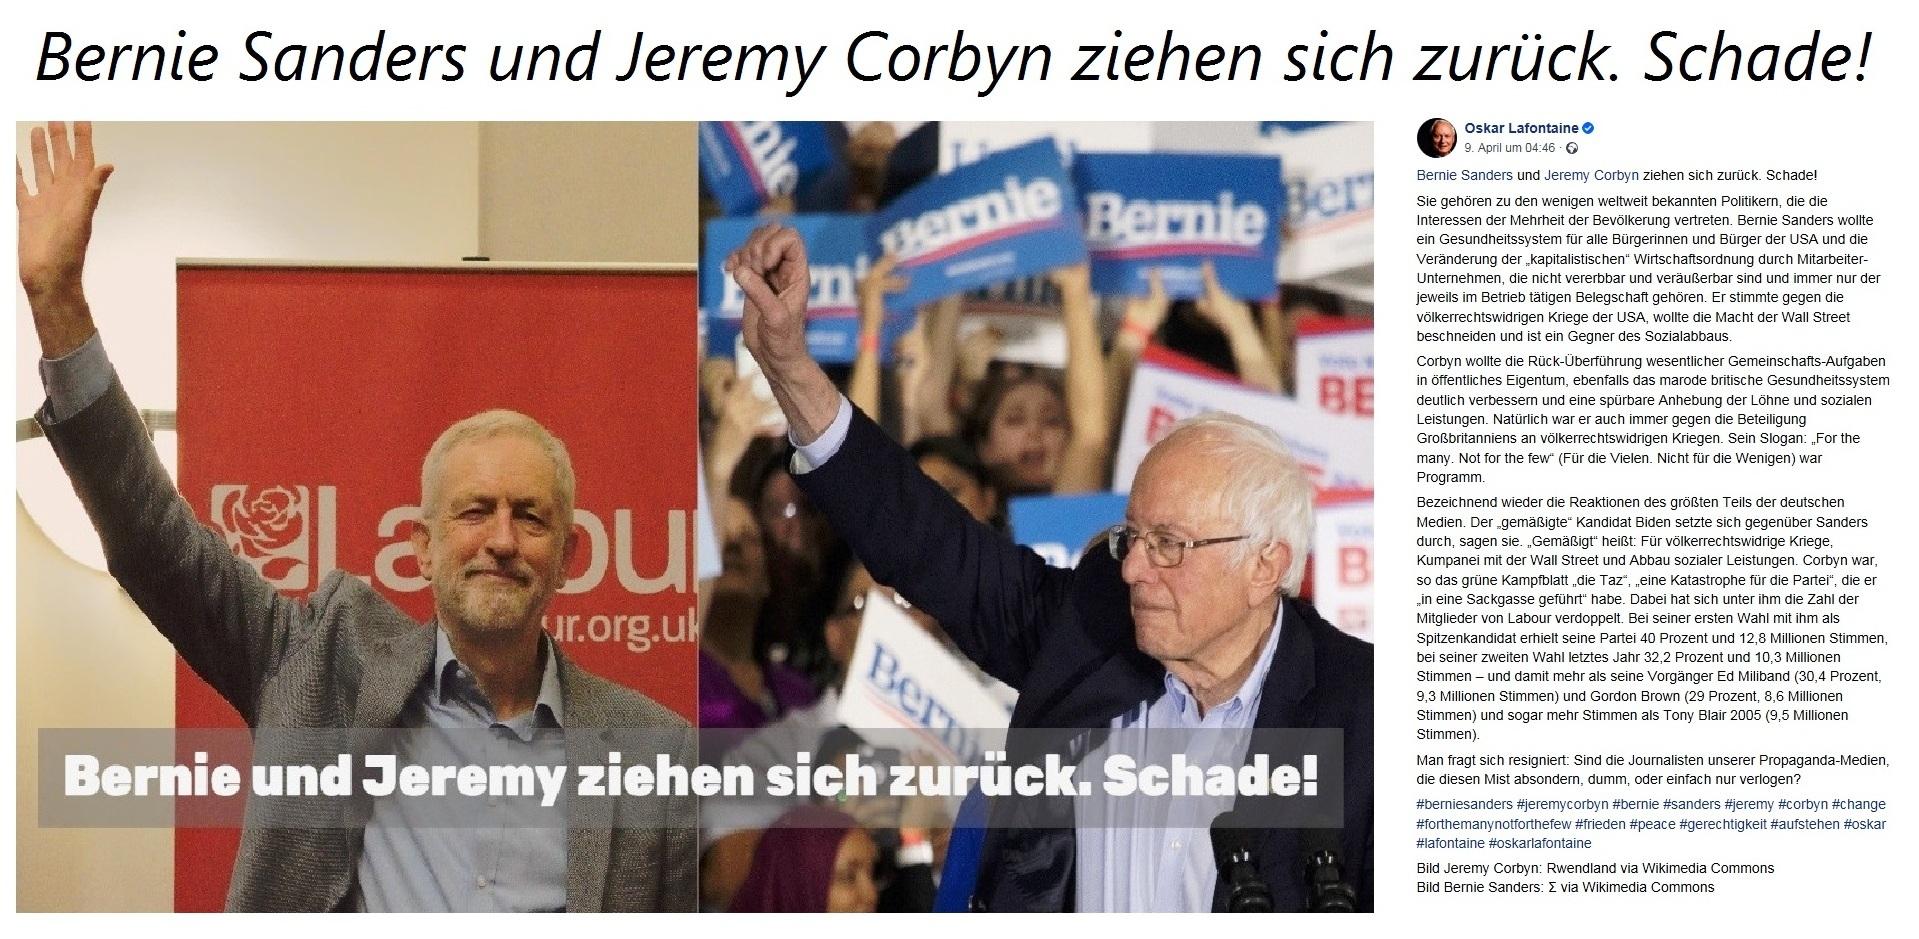 Aus dem Posteingang - Oskar Lafontaine: Bernie Sanders und Jeremy Corbyn ziehen sich zurück. Schade!